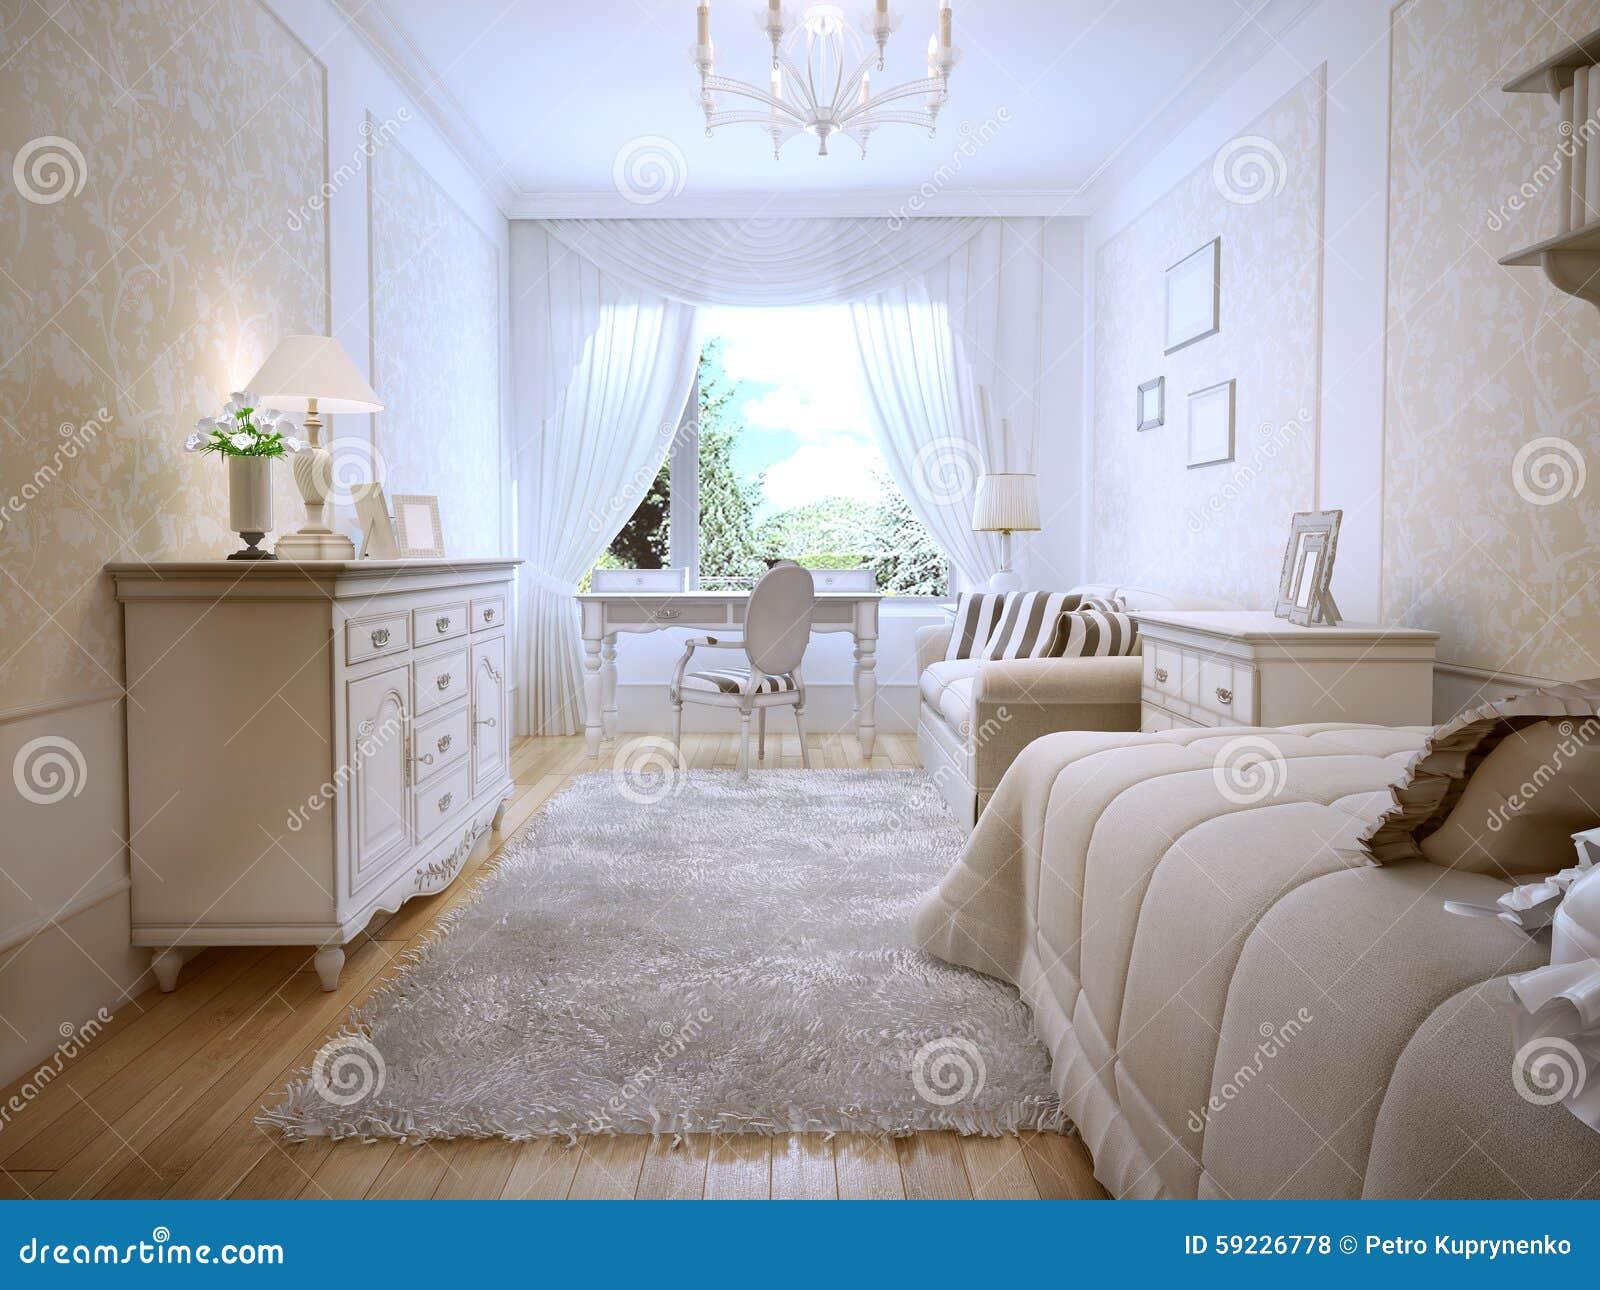 Download Idea Del Dormitorio Principal Clásico Stock de ilustración - Ilustración de cama, casero: 59226778